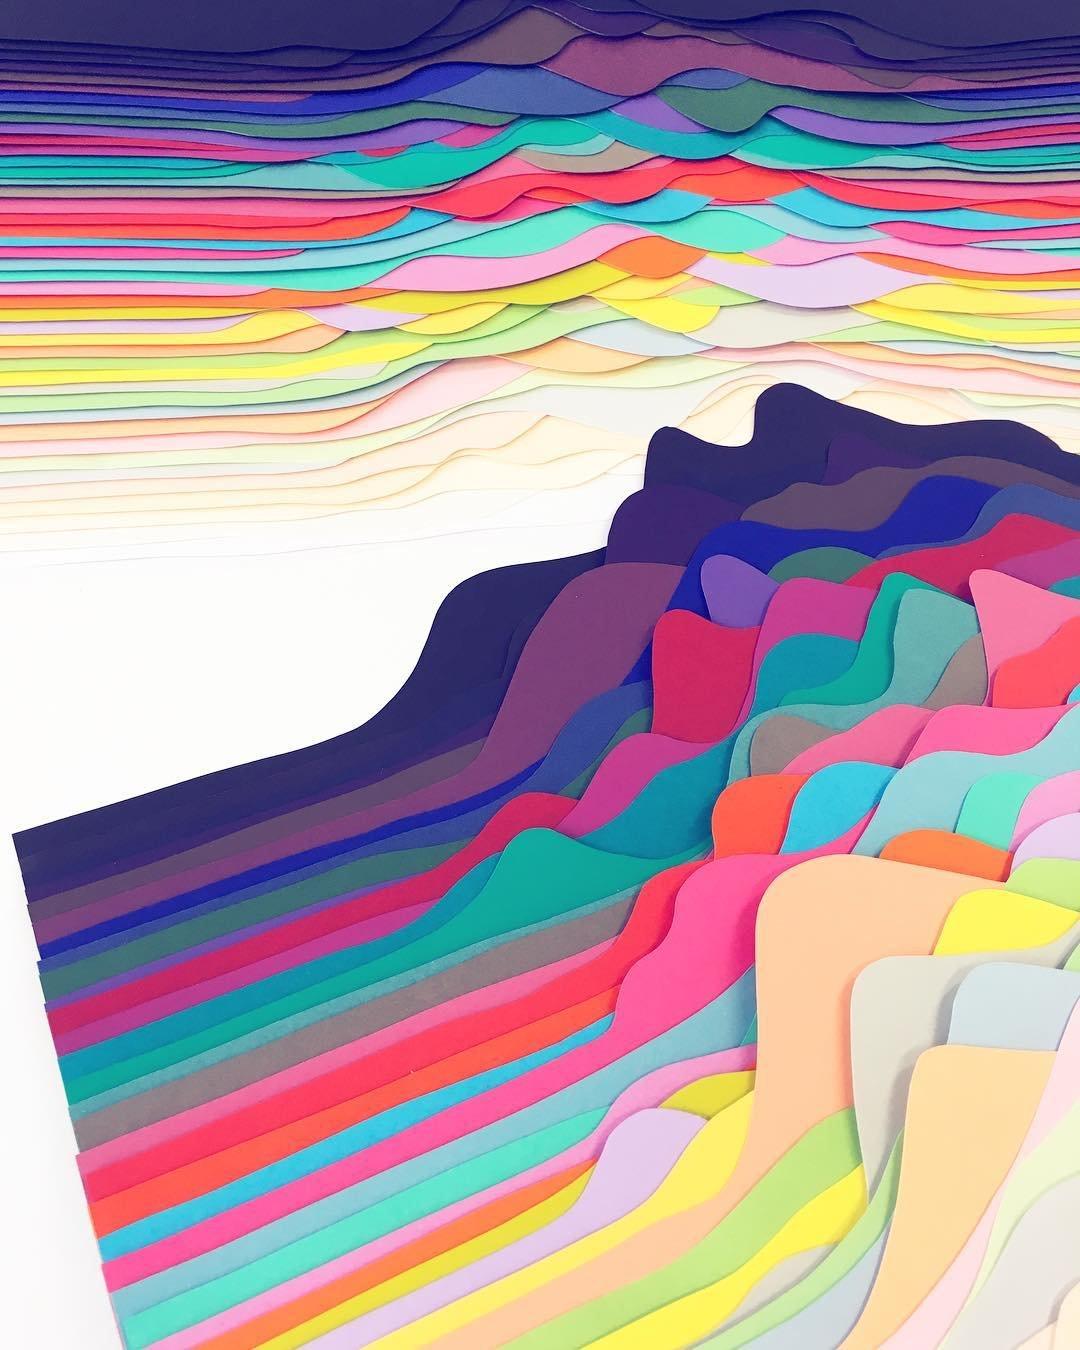 Разноцветные 3D-композиции из бумаги от Мод Вантур